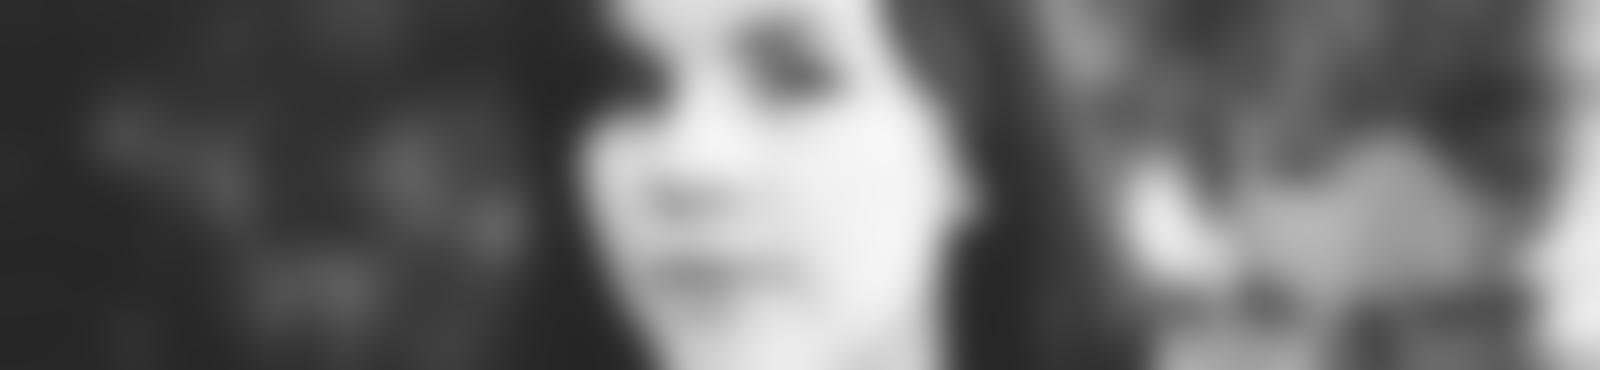 Blurred 3429f5d2 962d 4ee0 b781 a10210207279